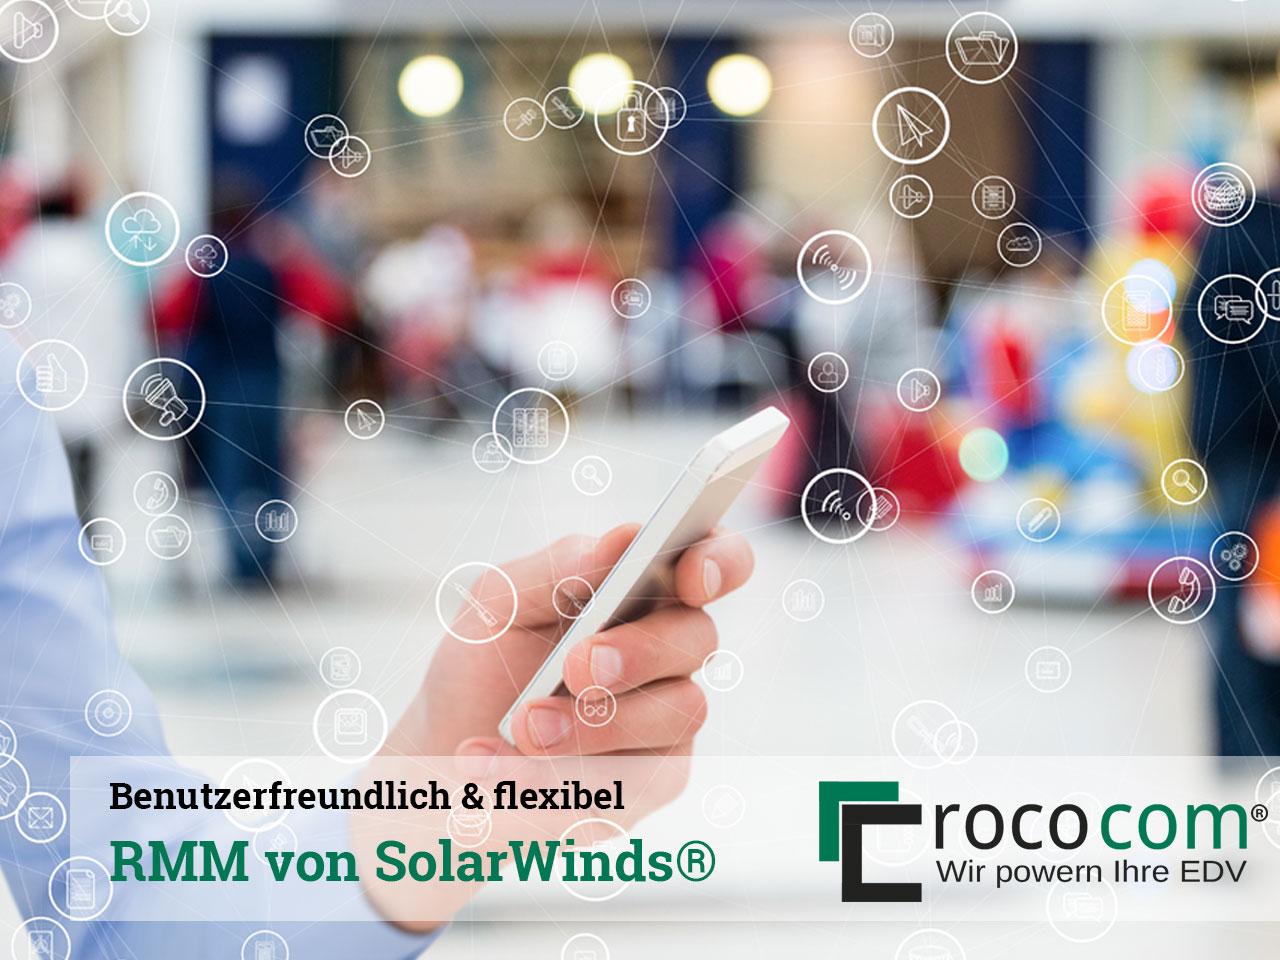 Benutzerfreundlich und flexibel: RMM von Solarwinds®